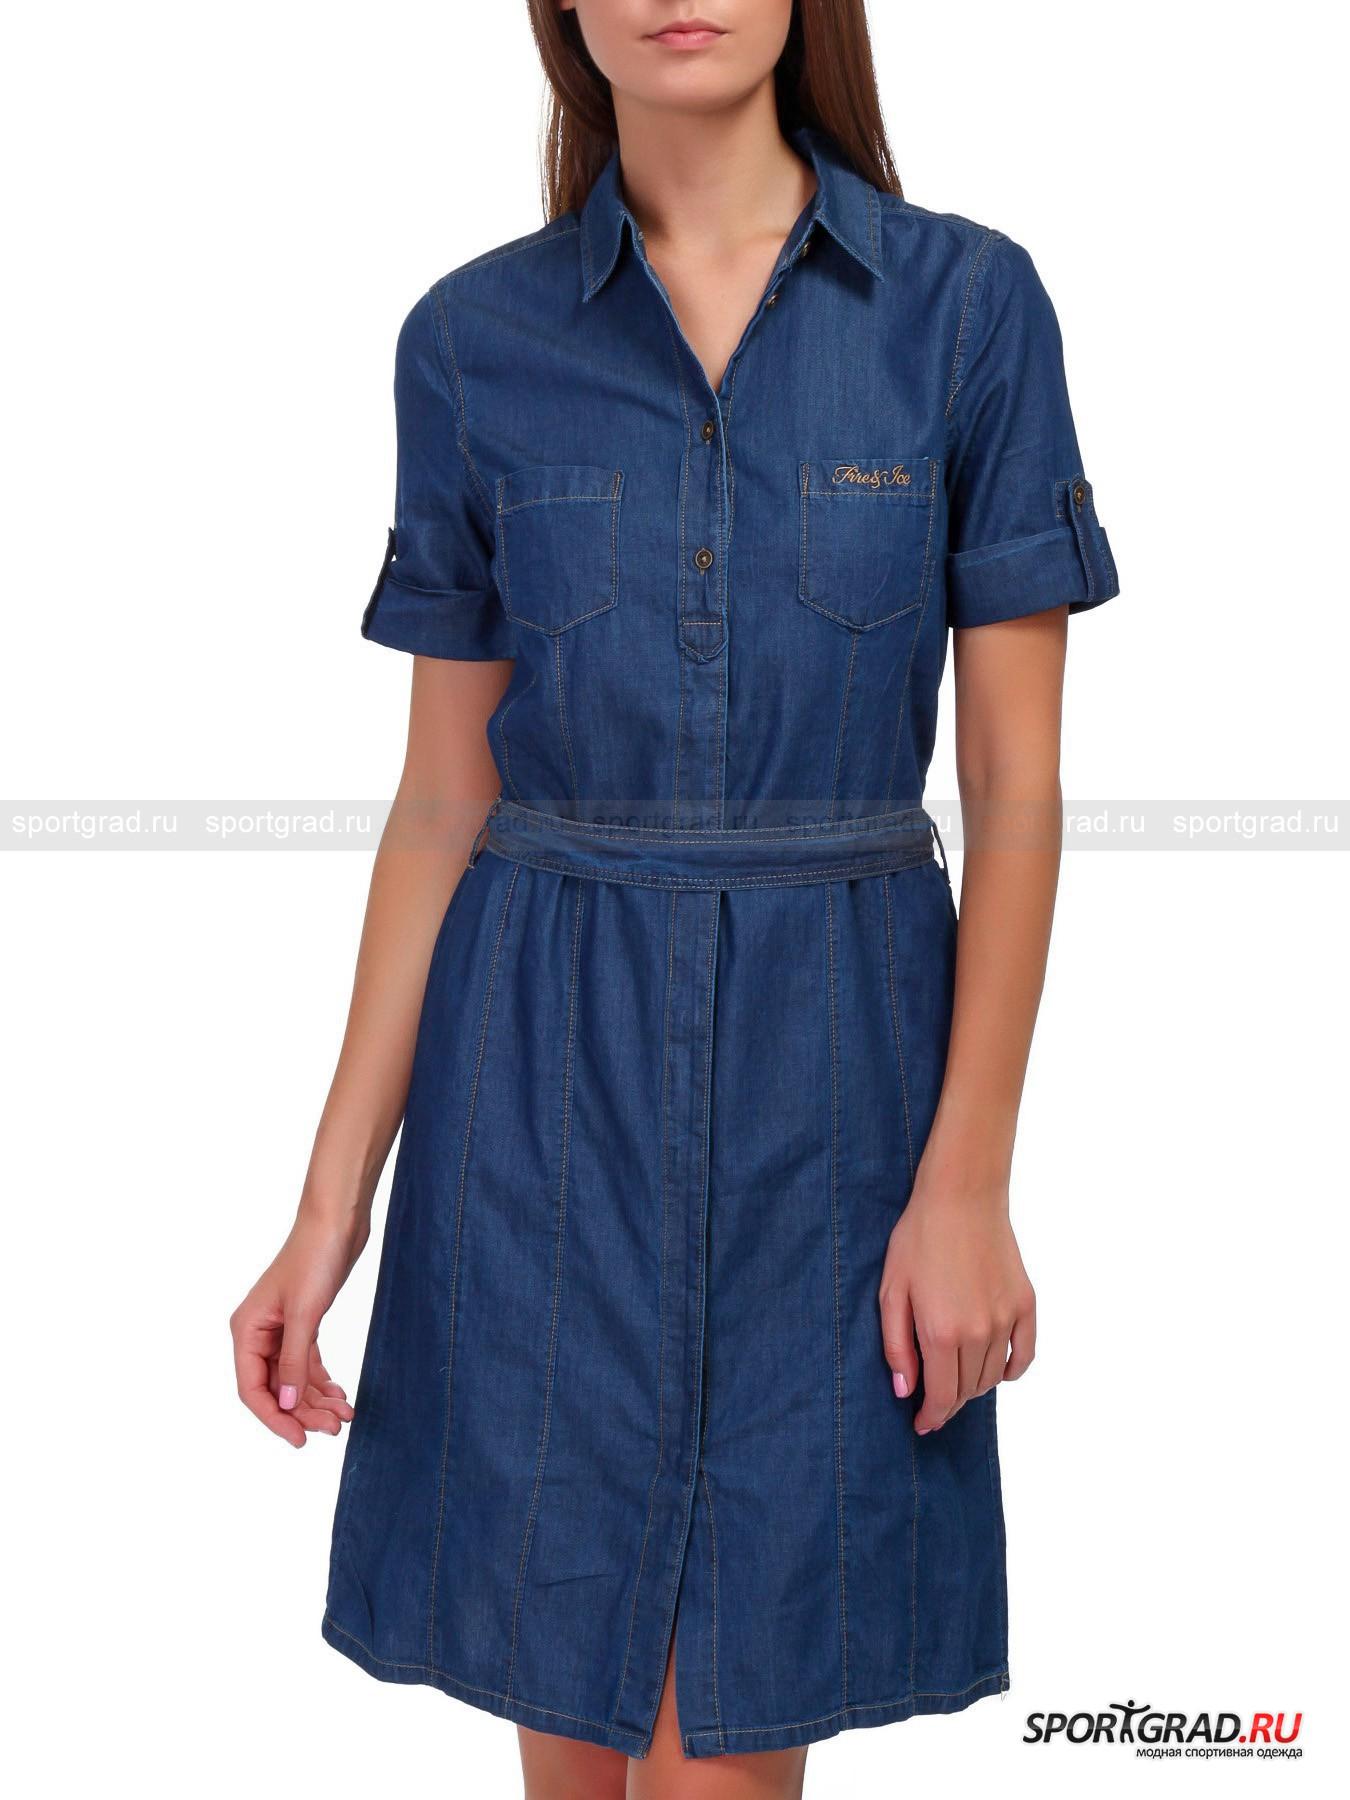 Платье рубашка женское джинсовое macy